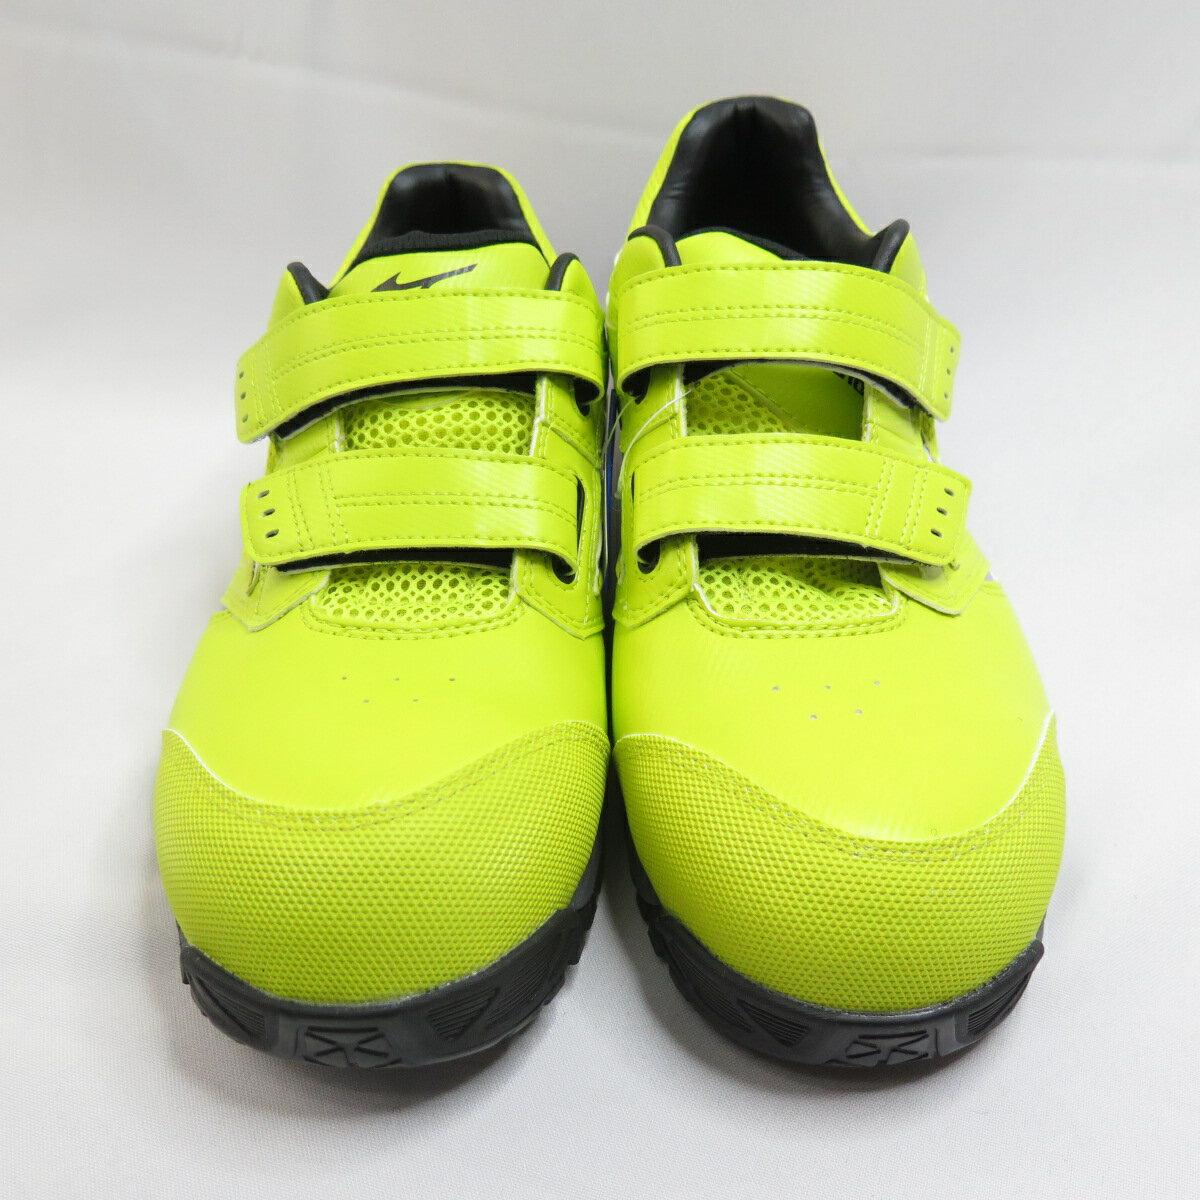 【滿額領券折$150】Mizuno LS 防護鞋 男款 工作安全鞋 F1GA200945 螢光黃【iSport愛運動】